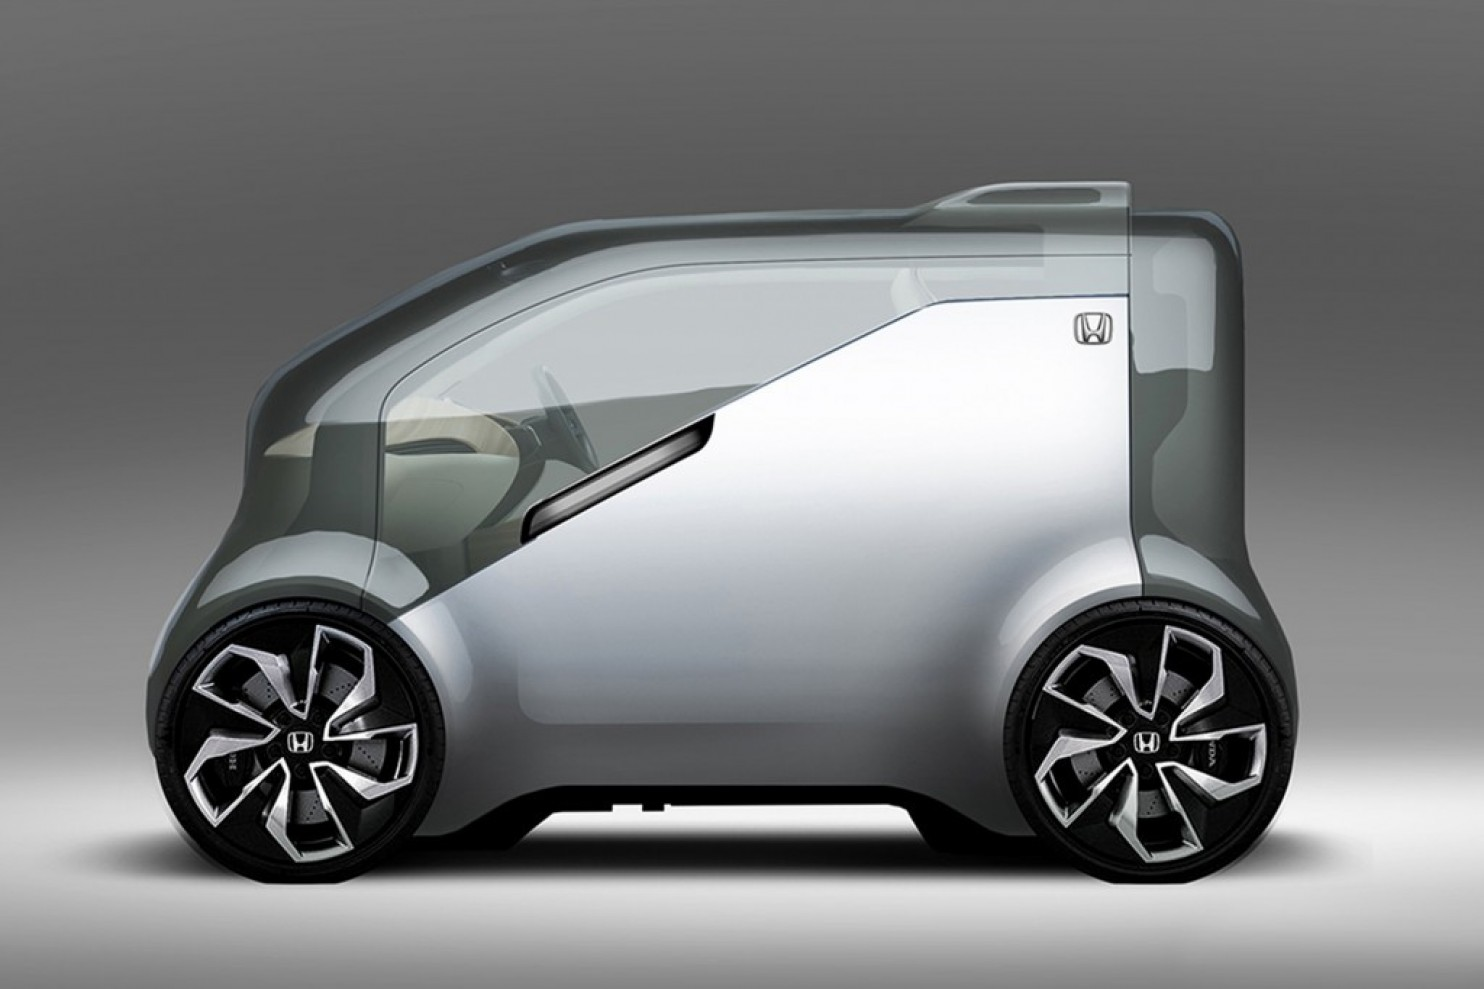 در آینده ای نزدیک هرآنچه که خودروی شما درباره ی شما می فهمد برای خودروسازان سودمند خواهد بود